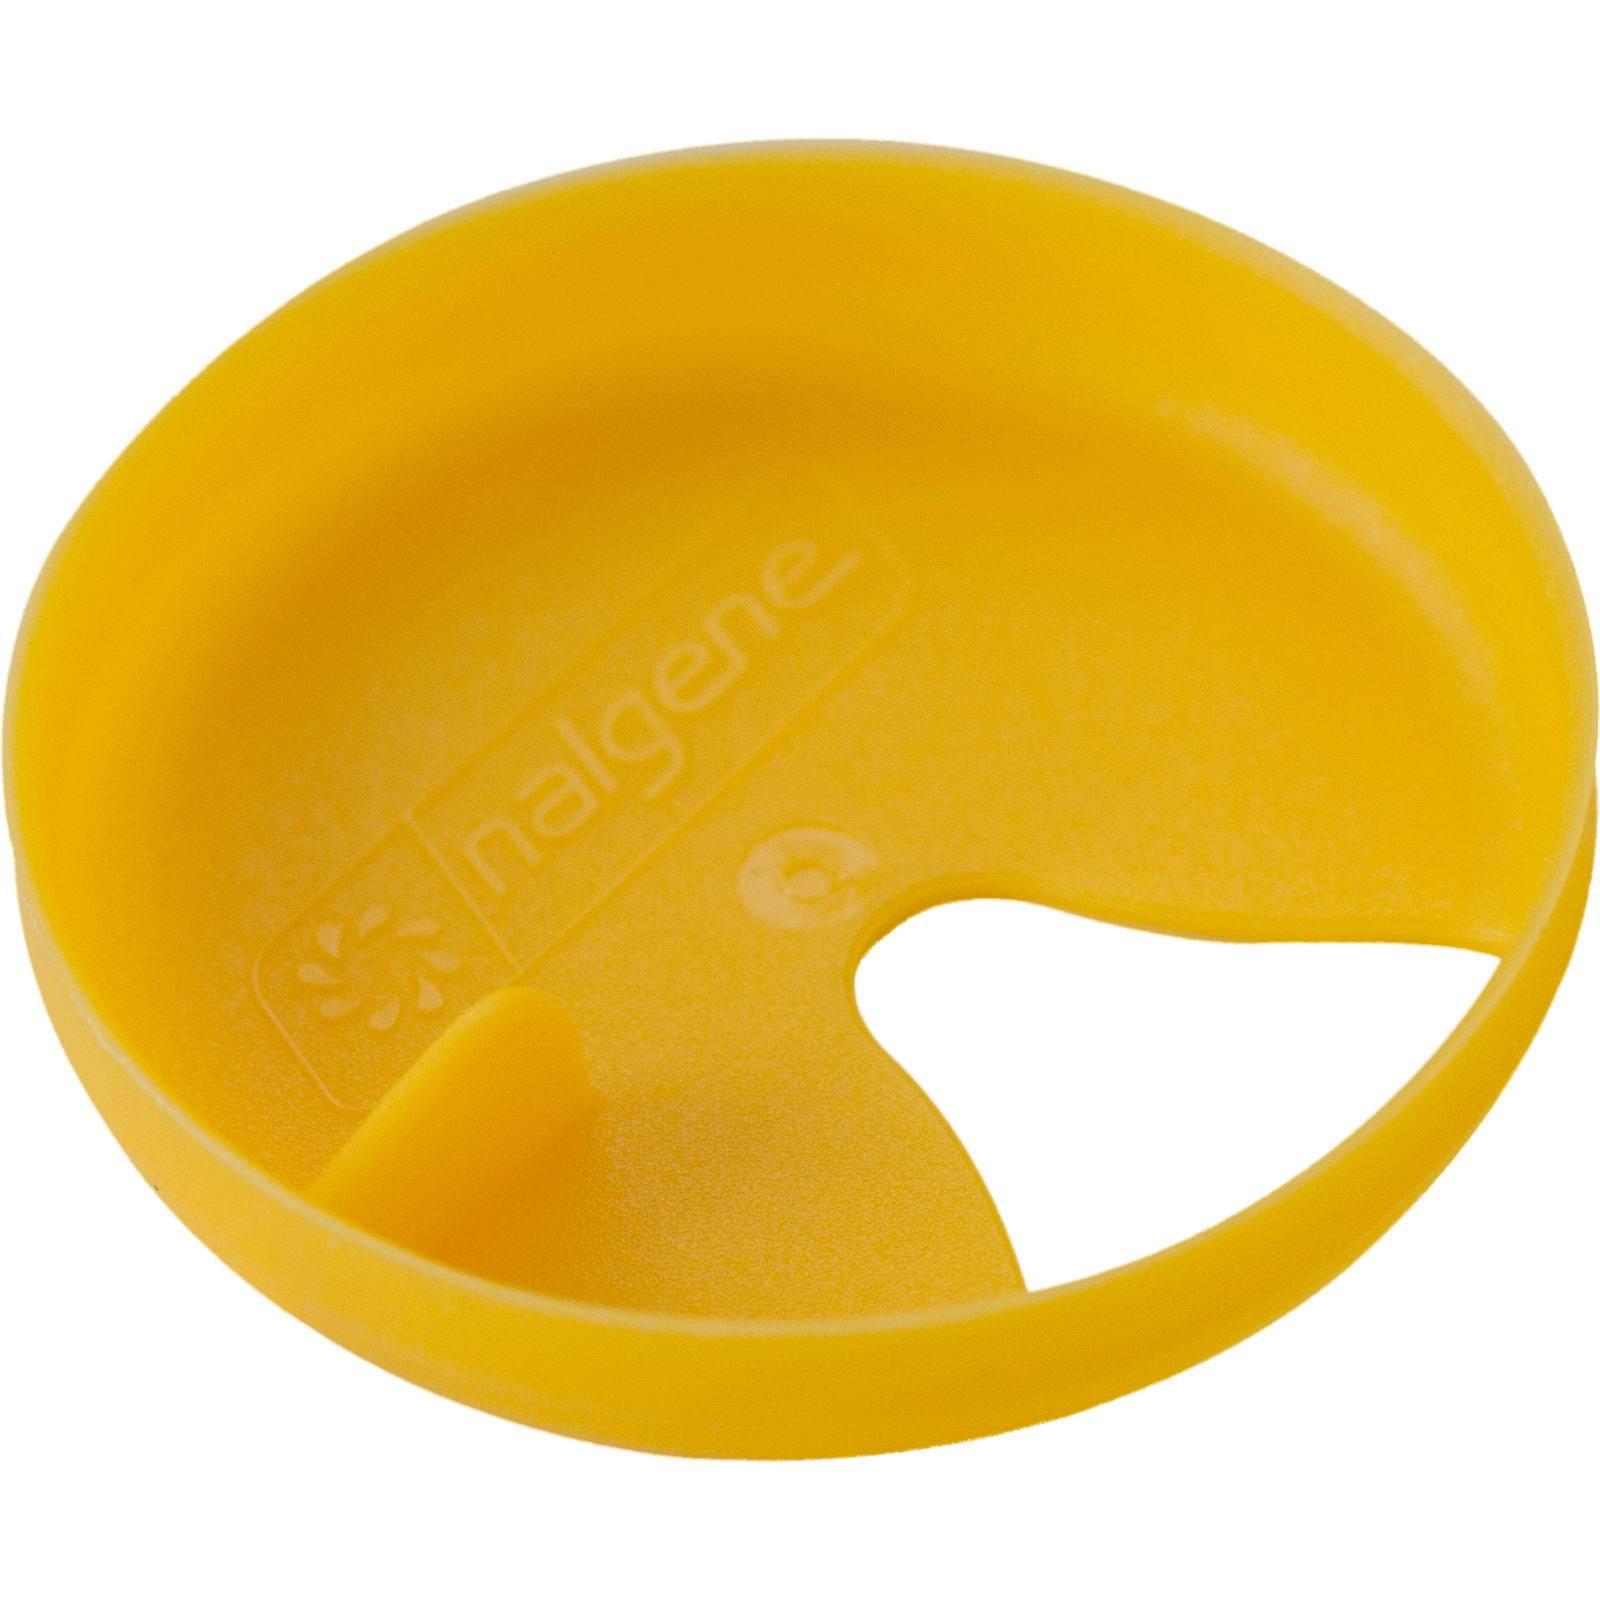 Nalgene Sipper - Trinkflaschendeckel gelb - Bild 2